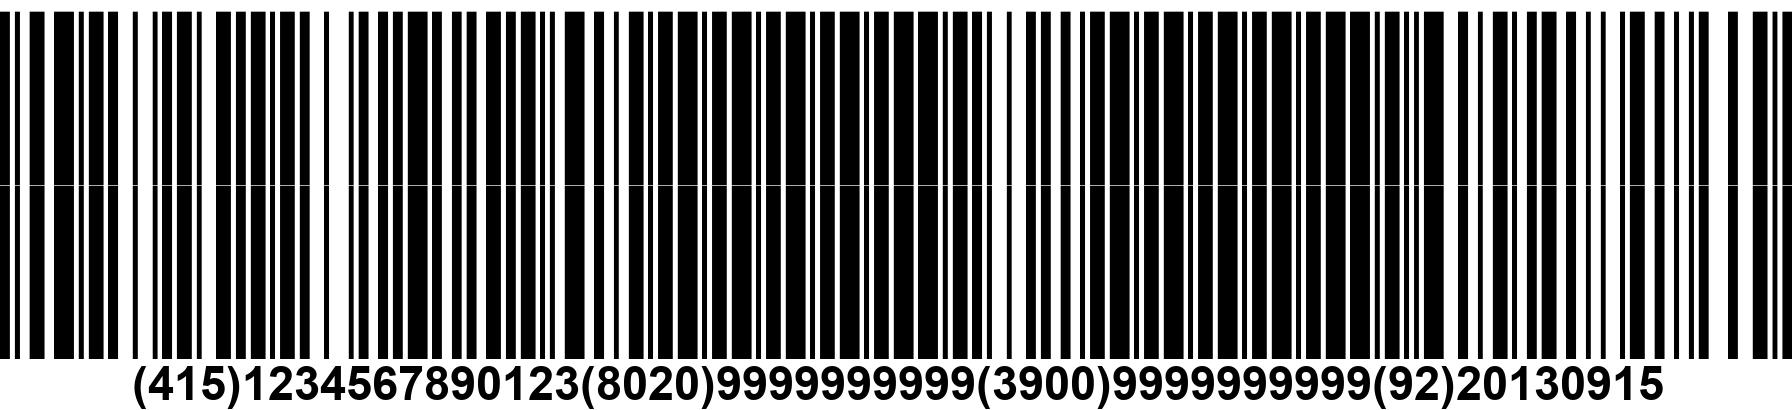 Información: ¿Qué es el código de barras?.